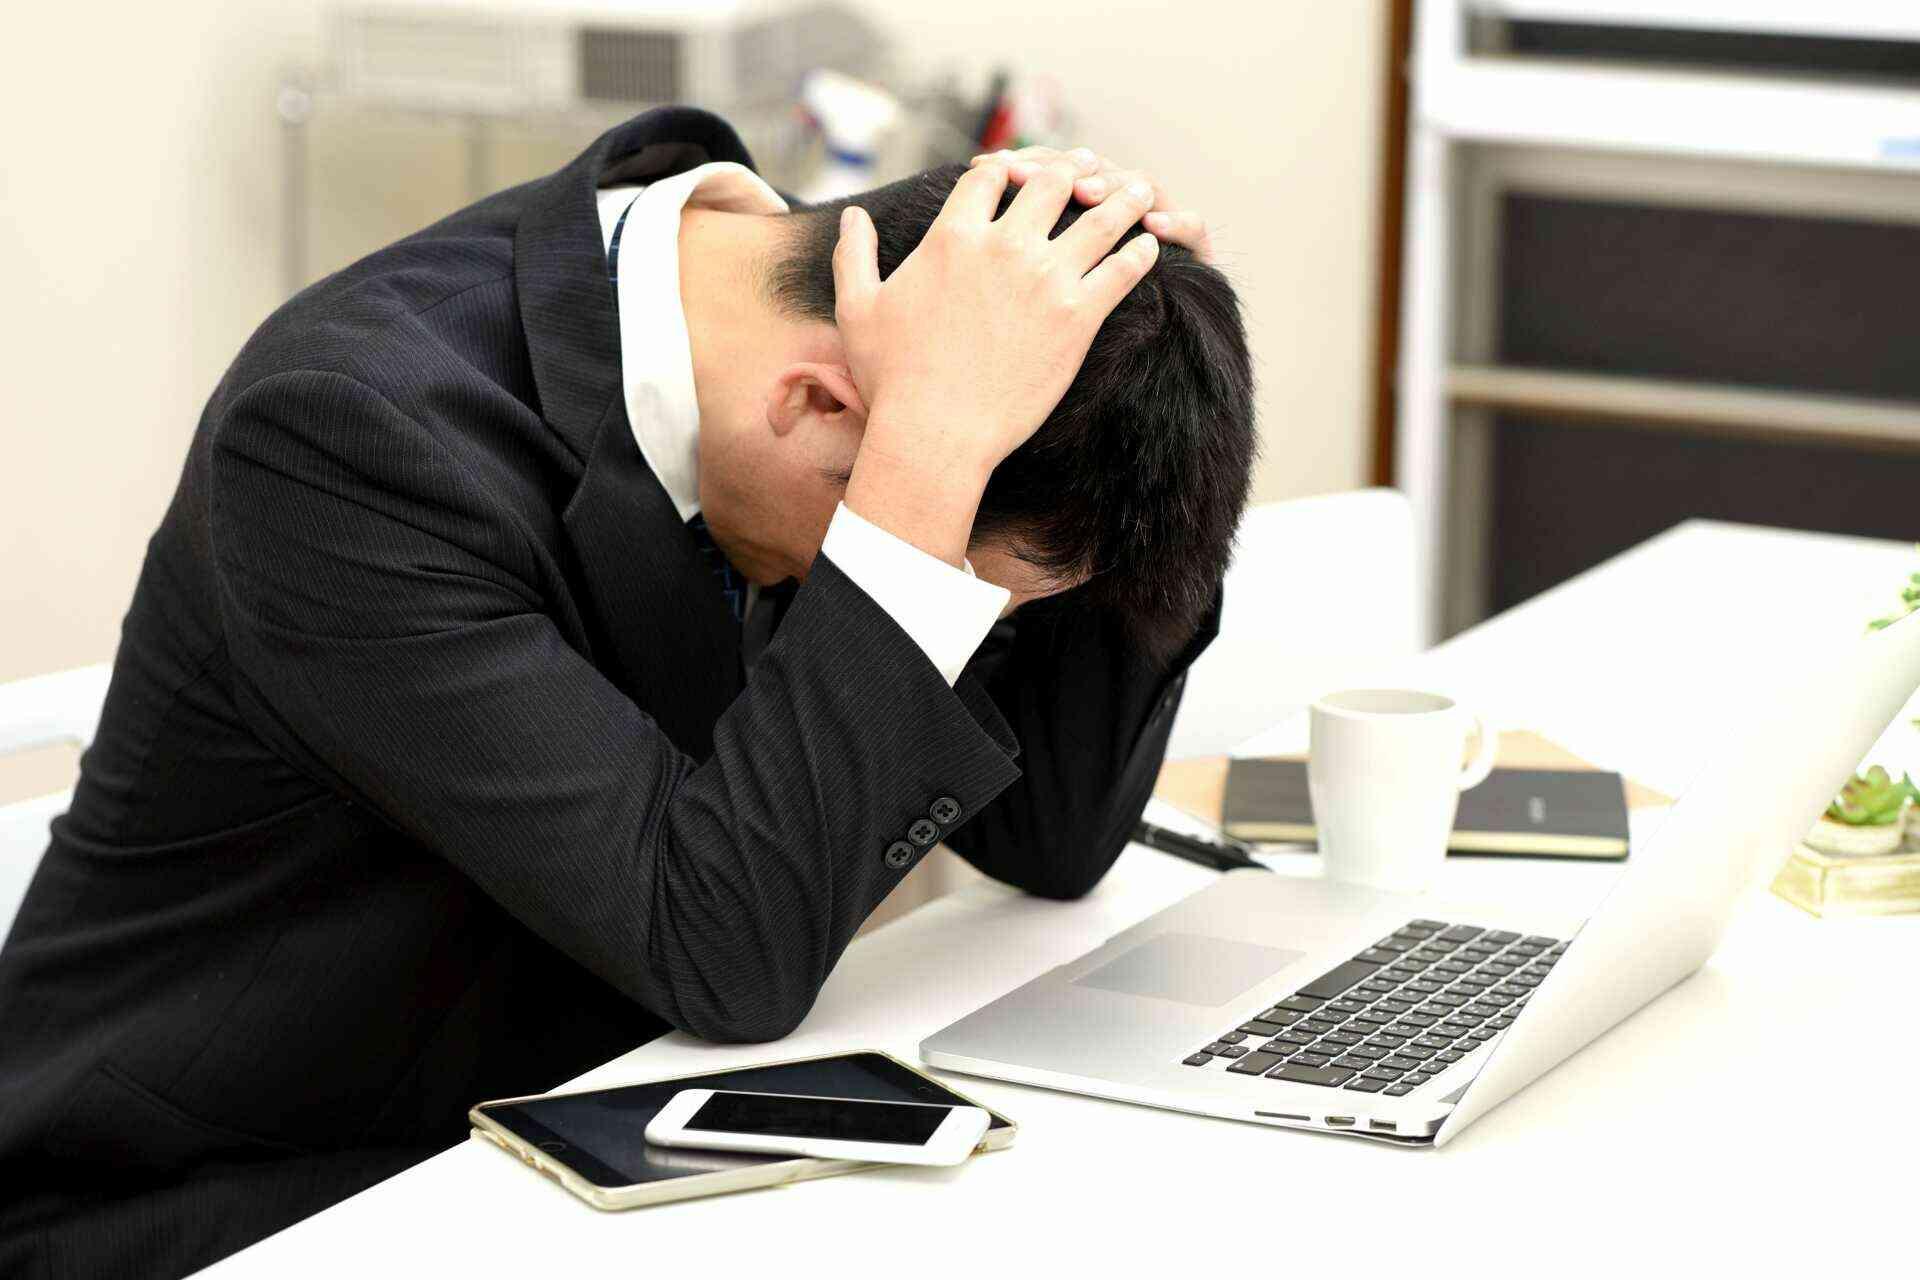 要領が悪い人に向いてる仕事を紹介!−自分の特徴や性格を活かせる仕事に就く方法とは−